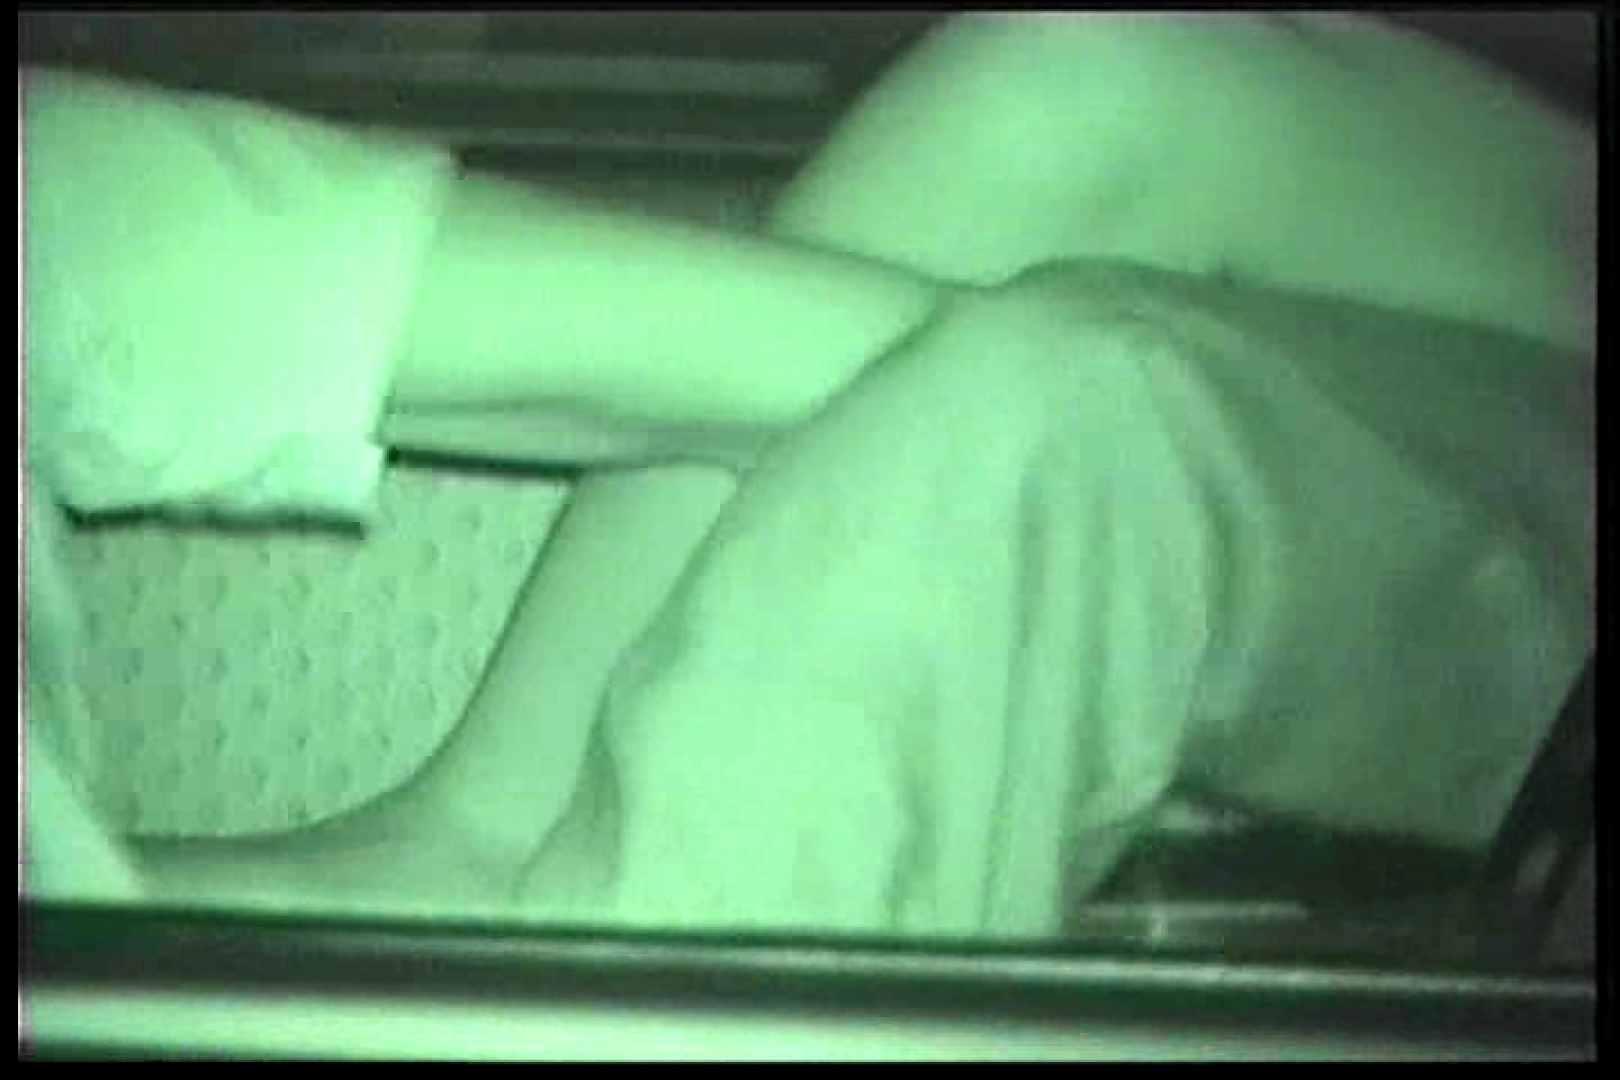 車の中はラブホテル 無修正版  Vol.11 車中はめどり スケベ動画紹介 86画像 59